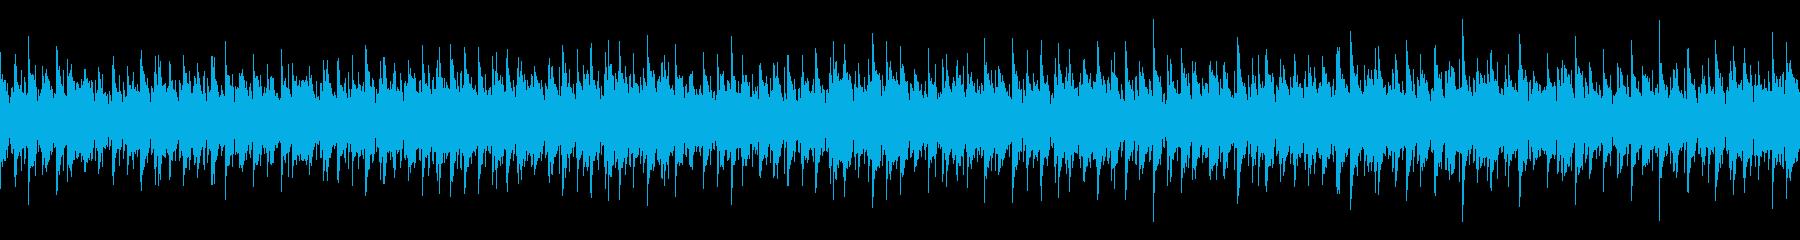 ゆったりしたピアノがメインのボサノバの再生済みの波形